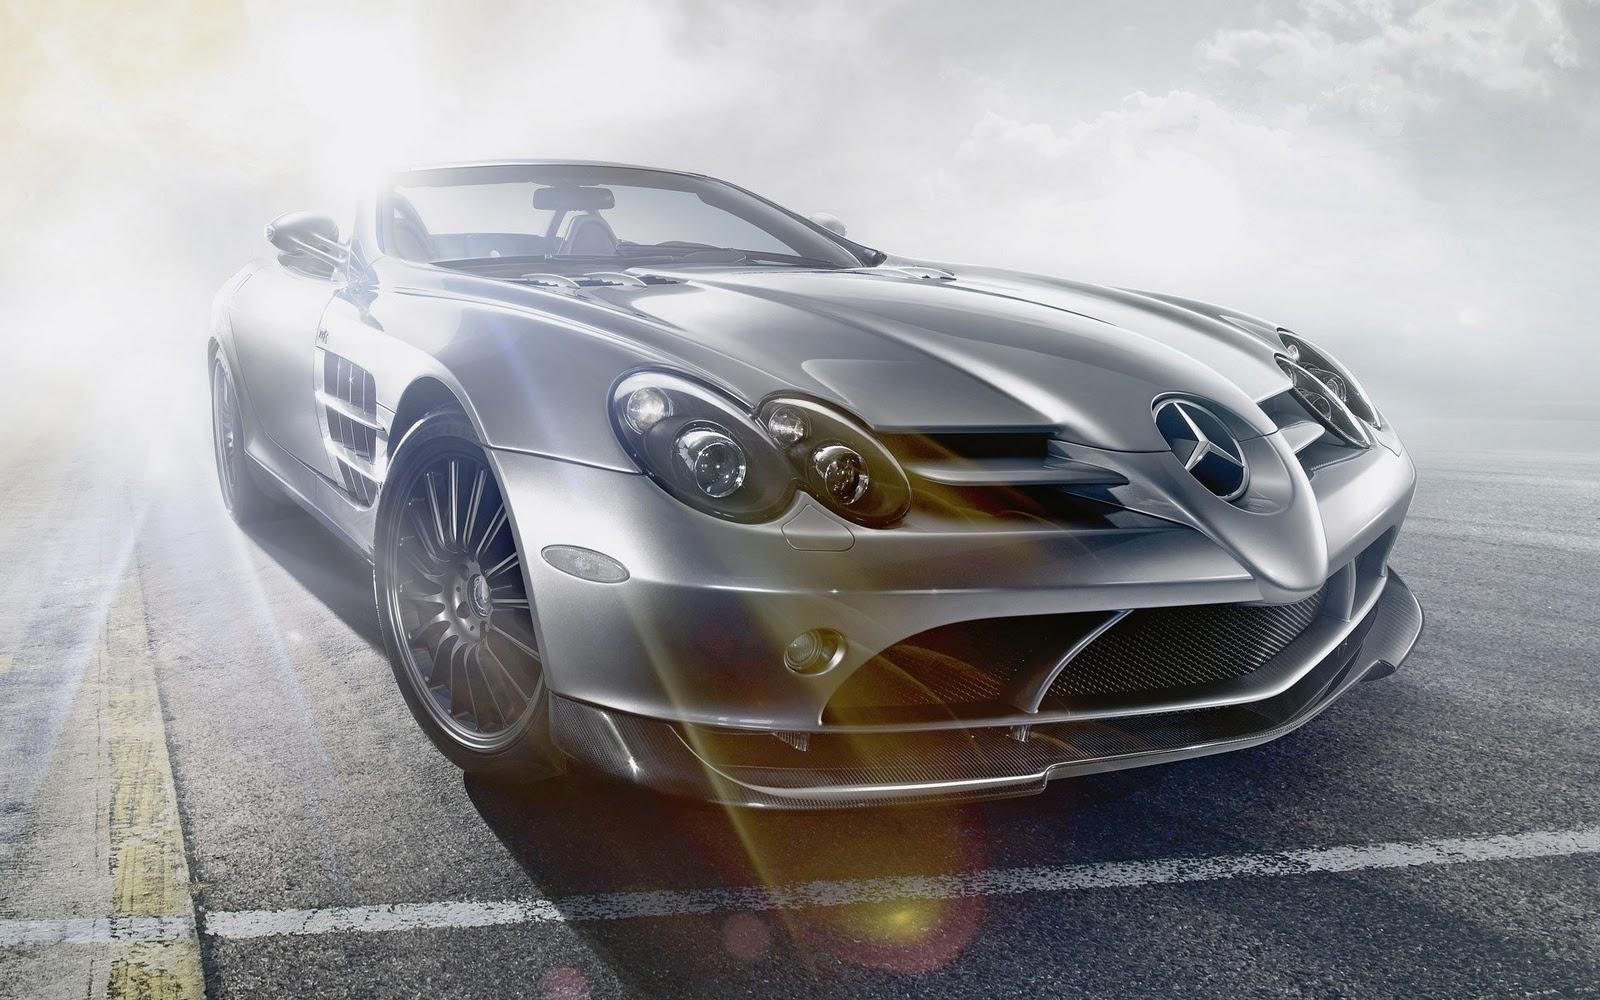 http://3.bp.blogspot.com/_v5h2qxDB1io/TTv74RYHGUI/AAAAAAAABh0/FjW8z9KCJQ0/s1600/Silver+Mercedes.jpg